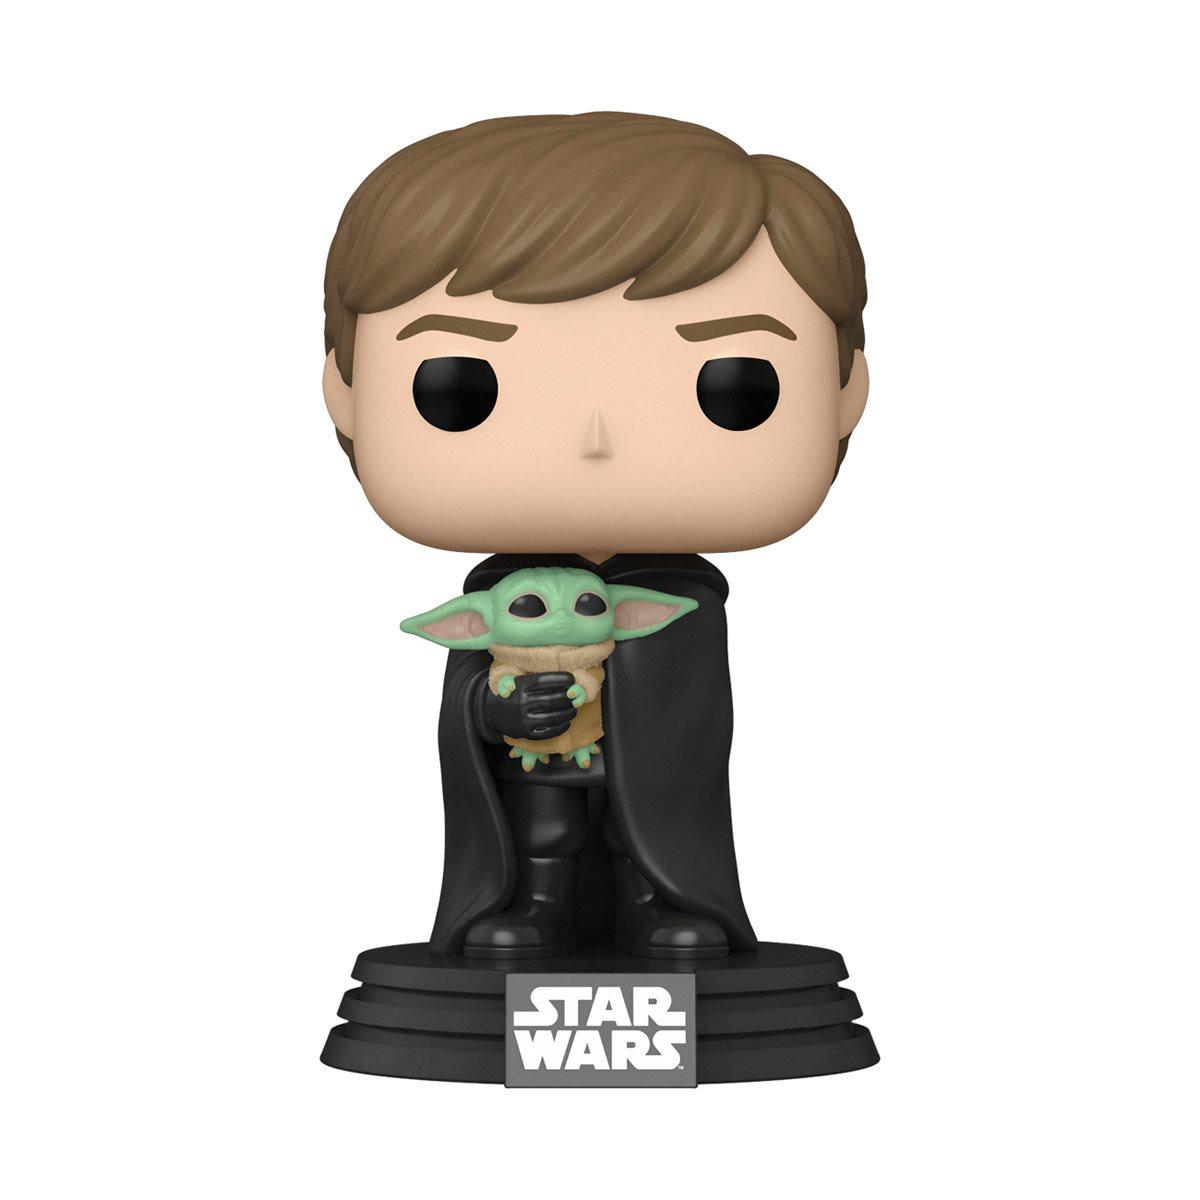 Luke Skywalker with Grogu